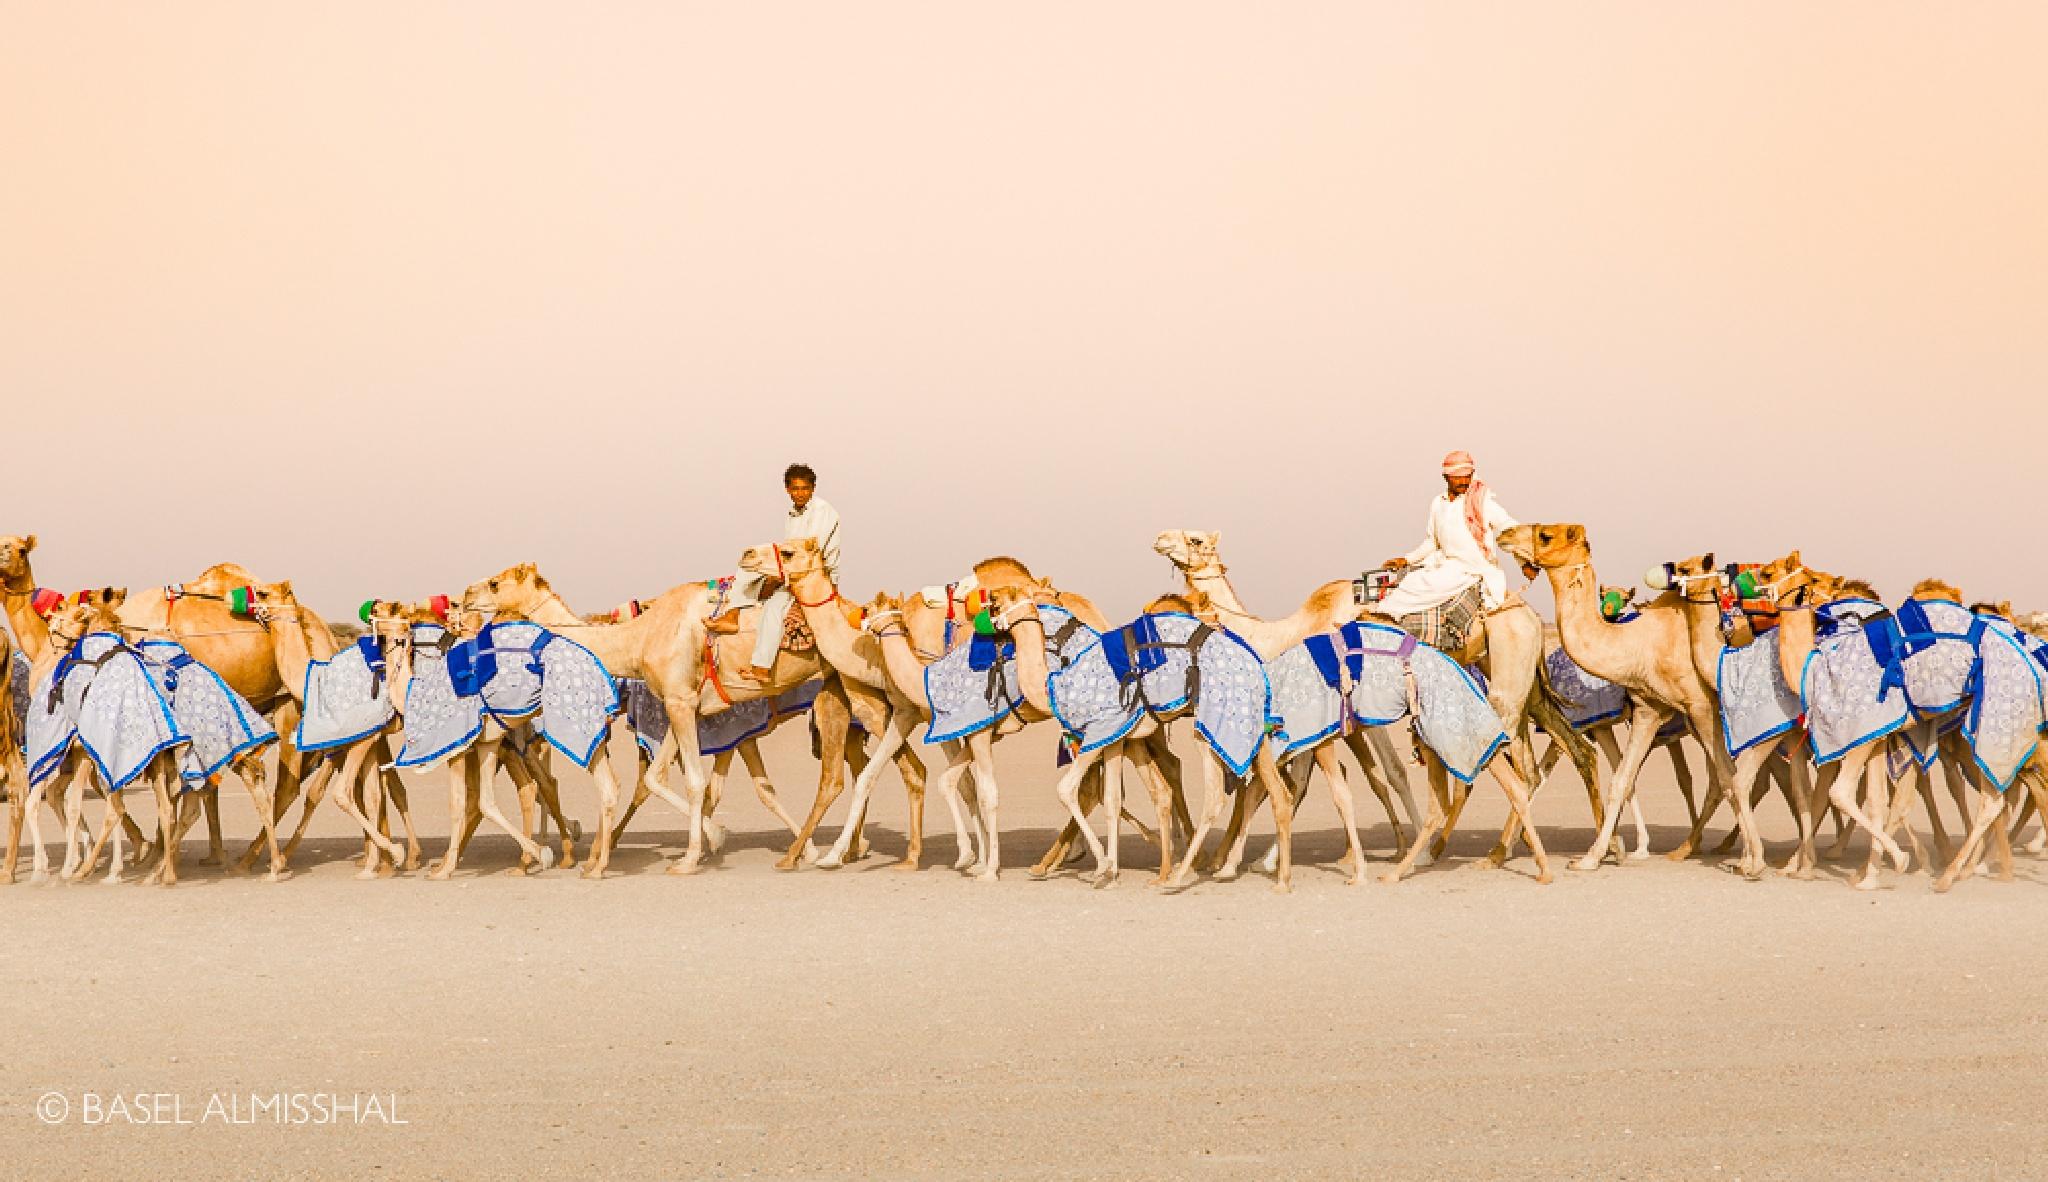 Camels by Basel Almisshal